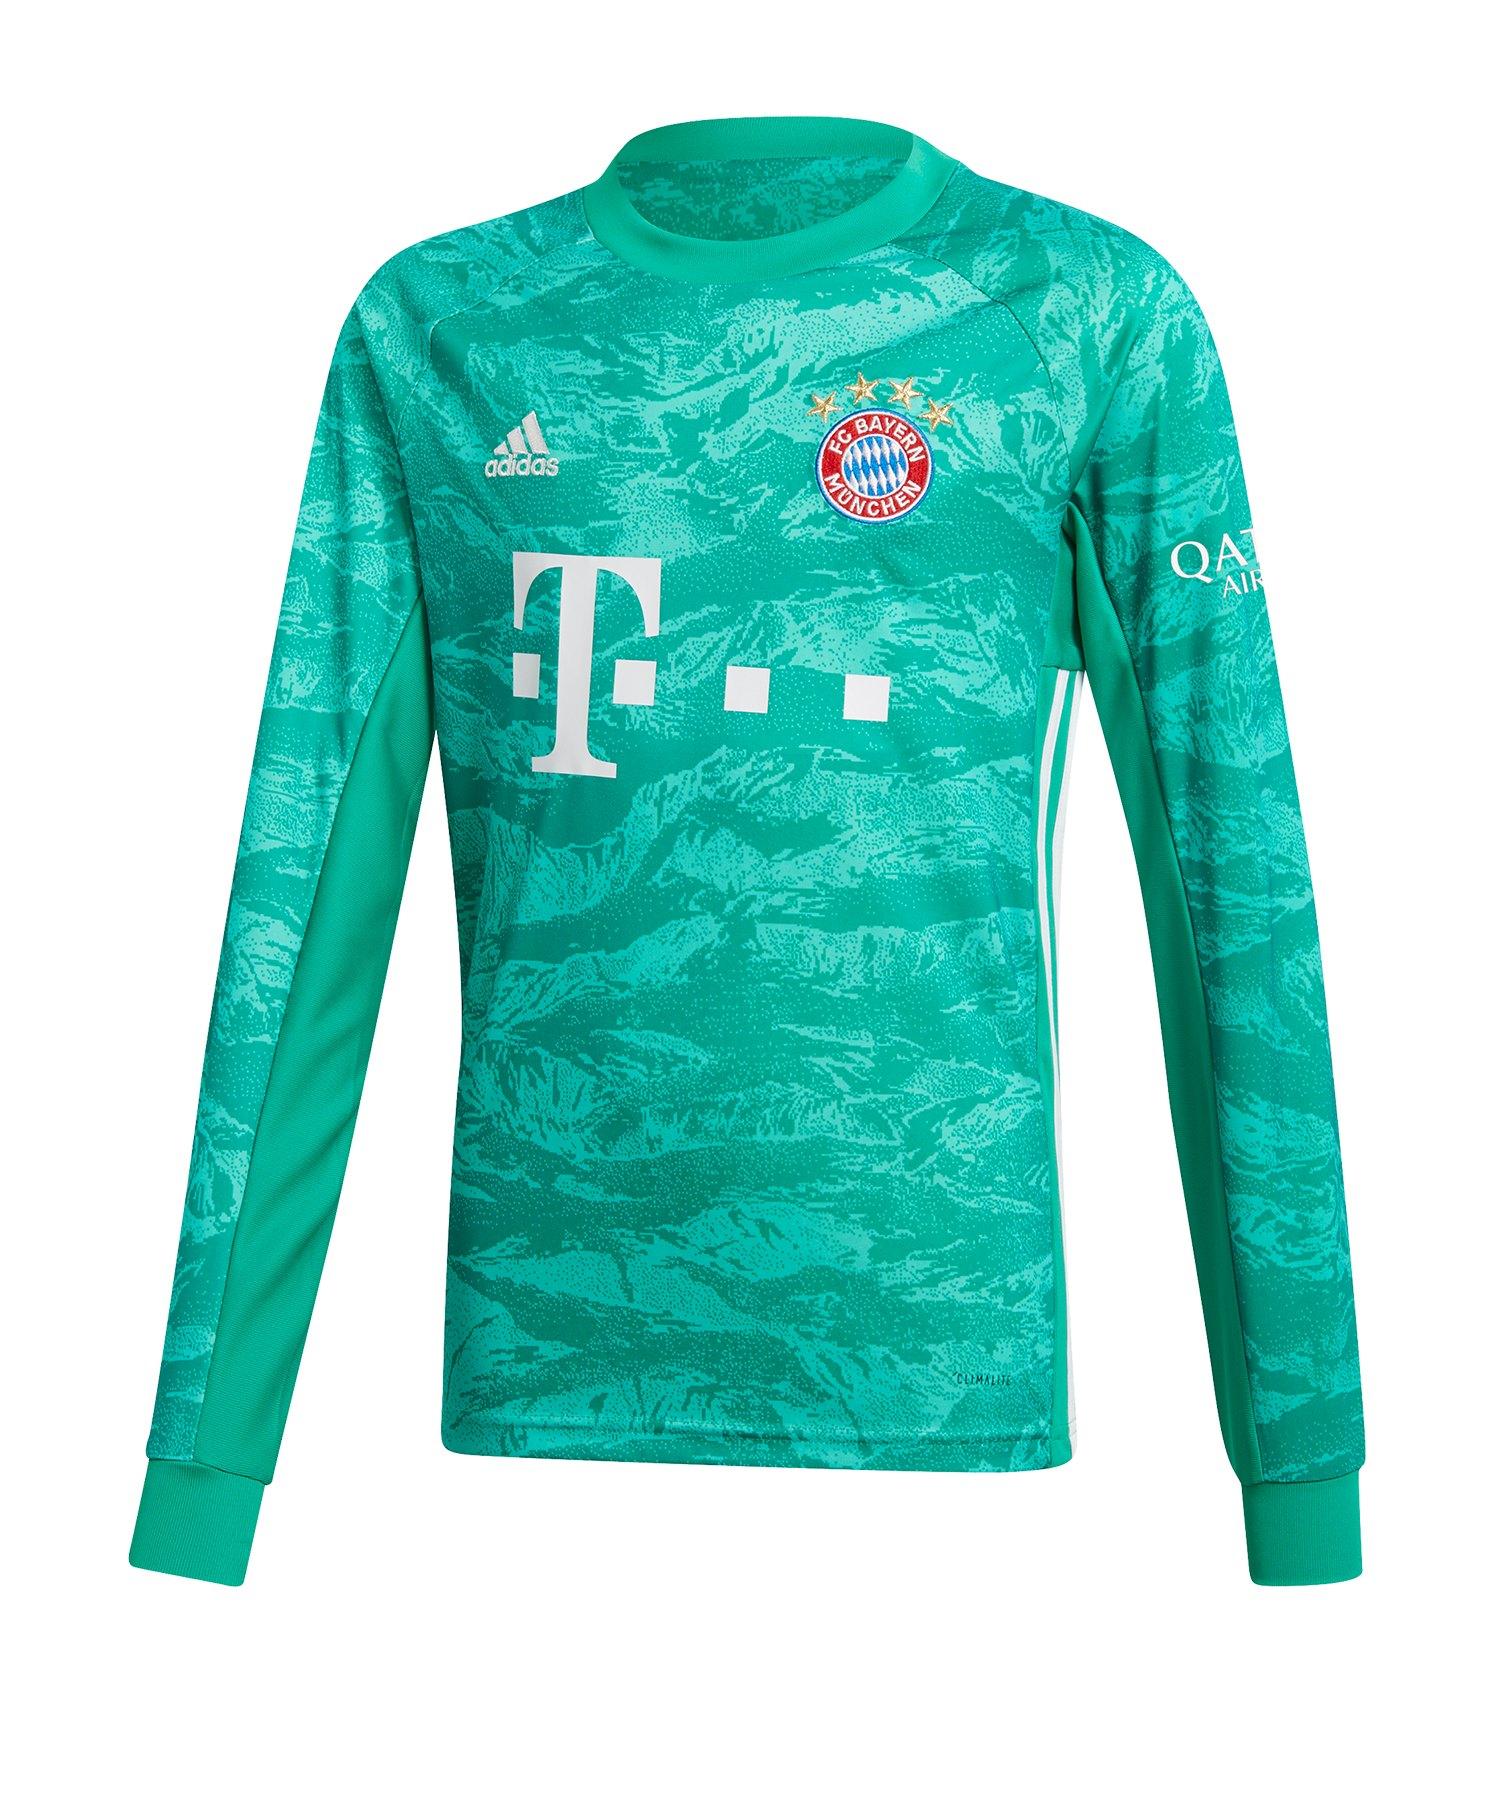 adidas FC Bayern München Torwarttrikot 19/20 Kids - Gruen